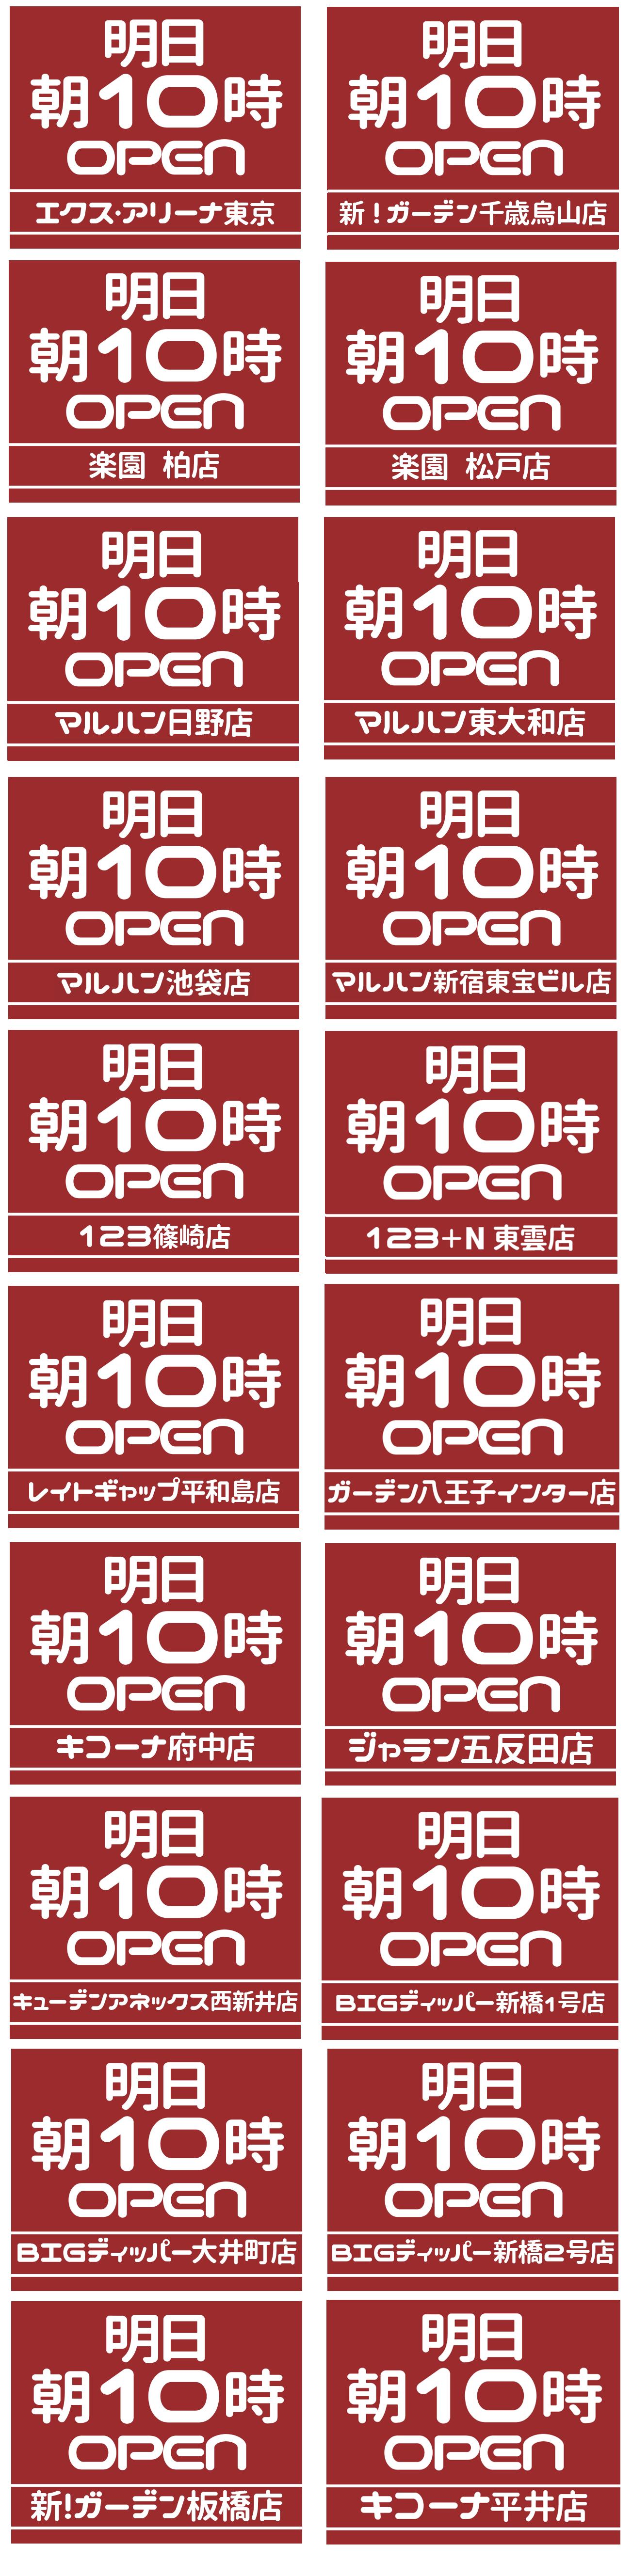 明日東京店舗一覧_1020